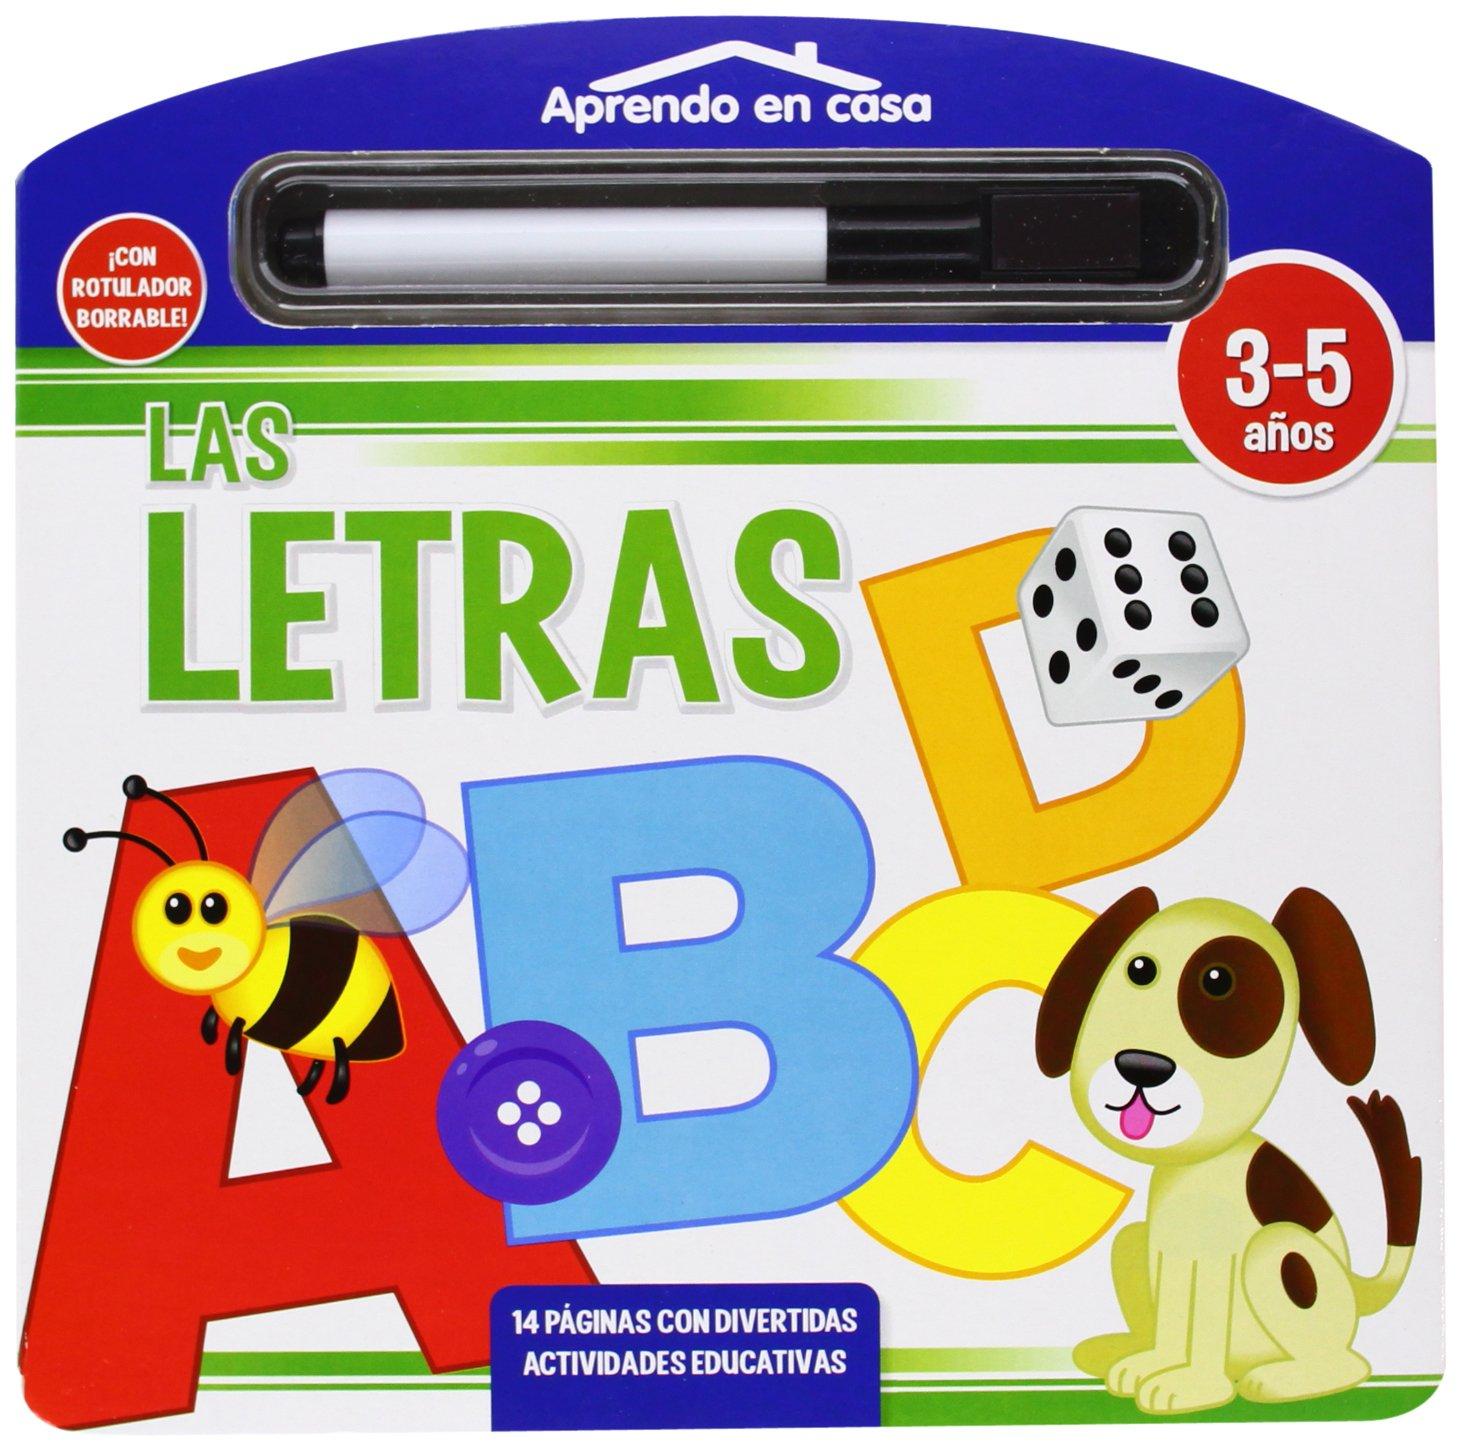 LAS LETRAS LIBRO PIZARRA (APRENDO EN CASA): Amazon.es: Vv.Aa ...